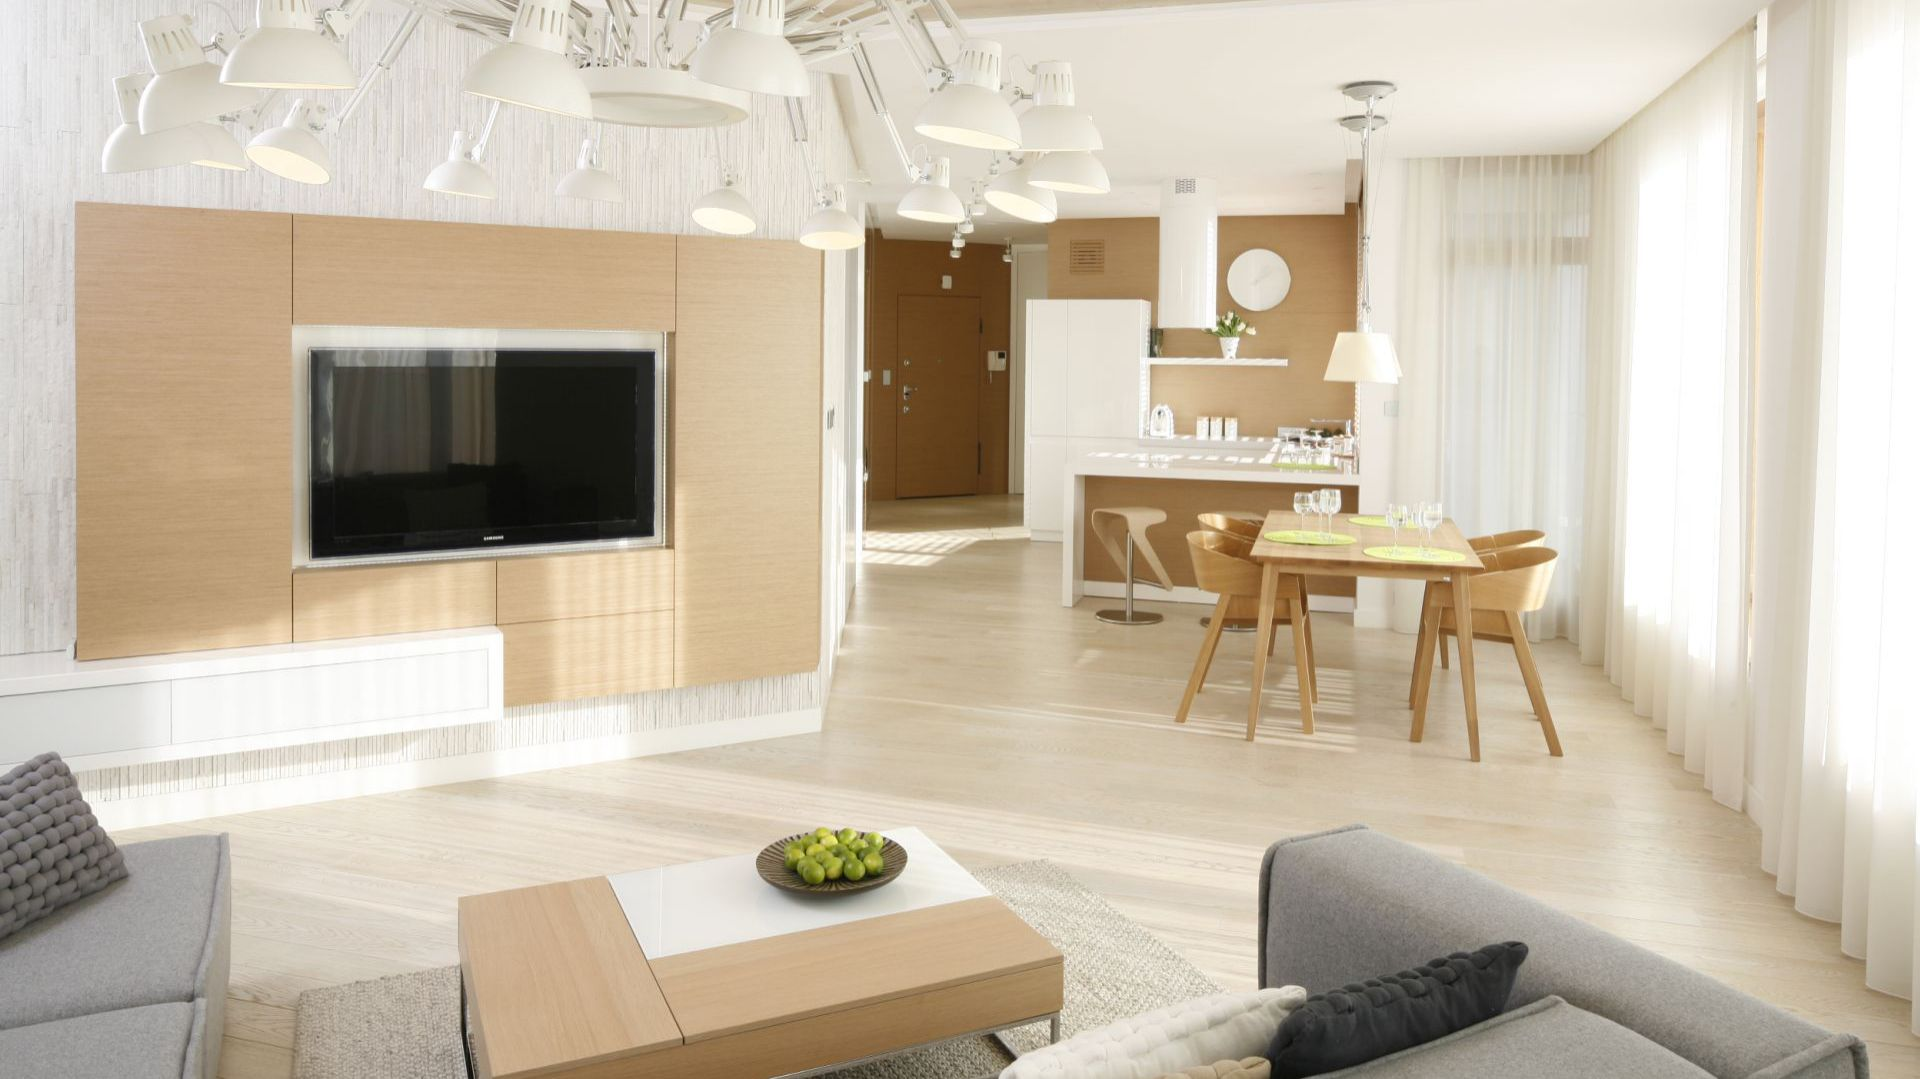 Zabudowa w ścianie zapewnia miejsce do przechowywania. Powieszony na niej telewizor niemal zlewa się z powierzchnią ściany. Projekt: Maciej Brzostek. Fot. Bartosz Jarosz